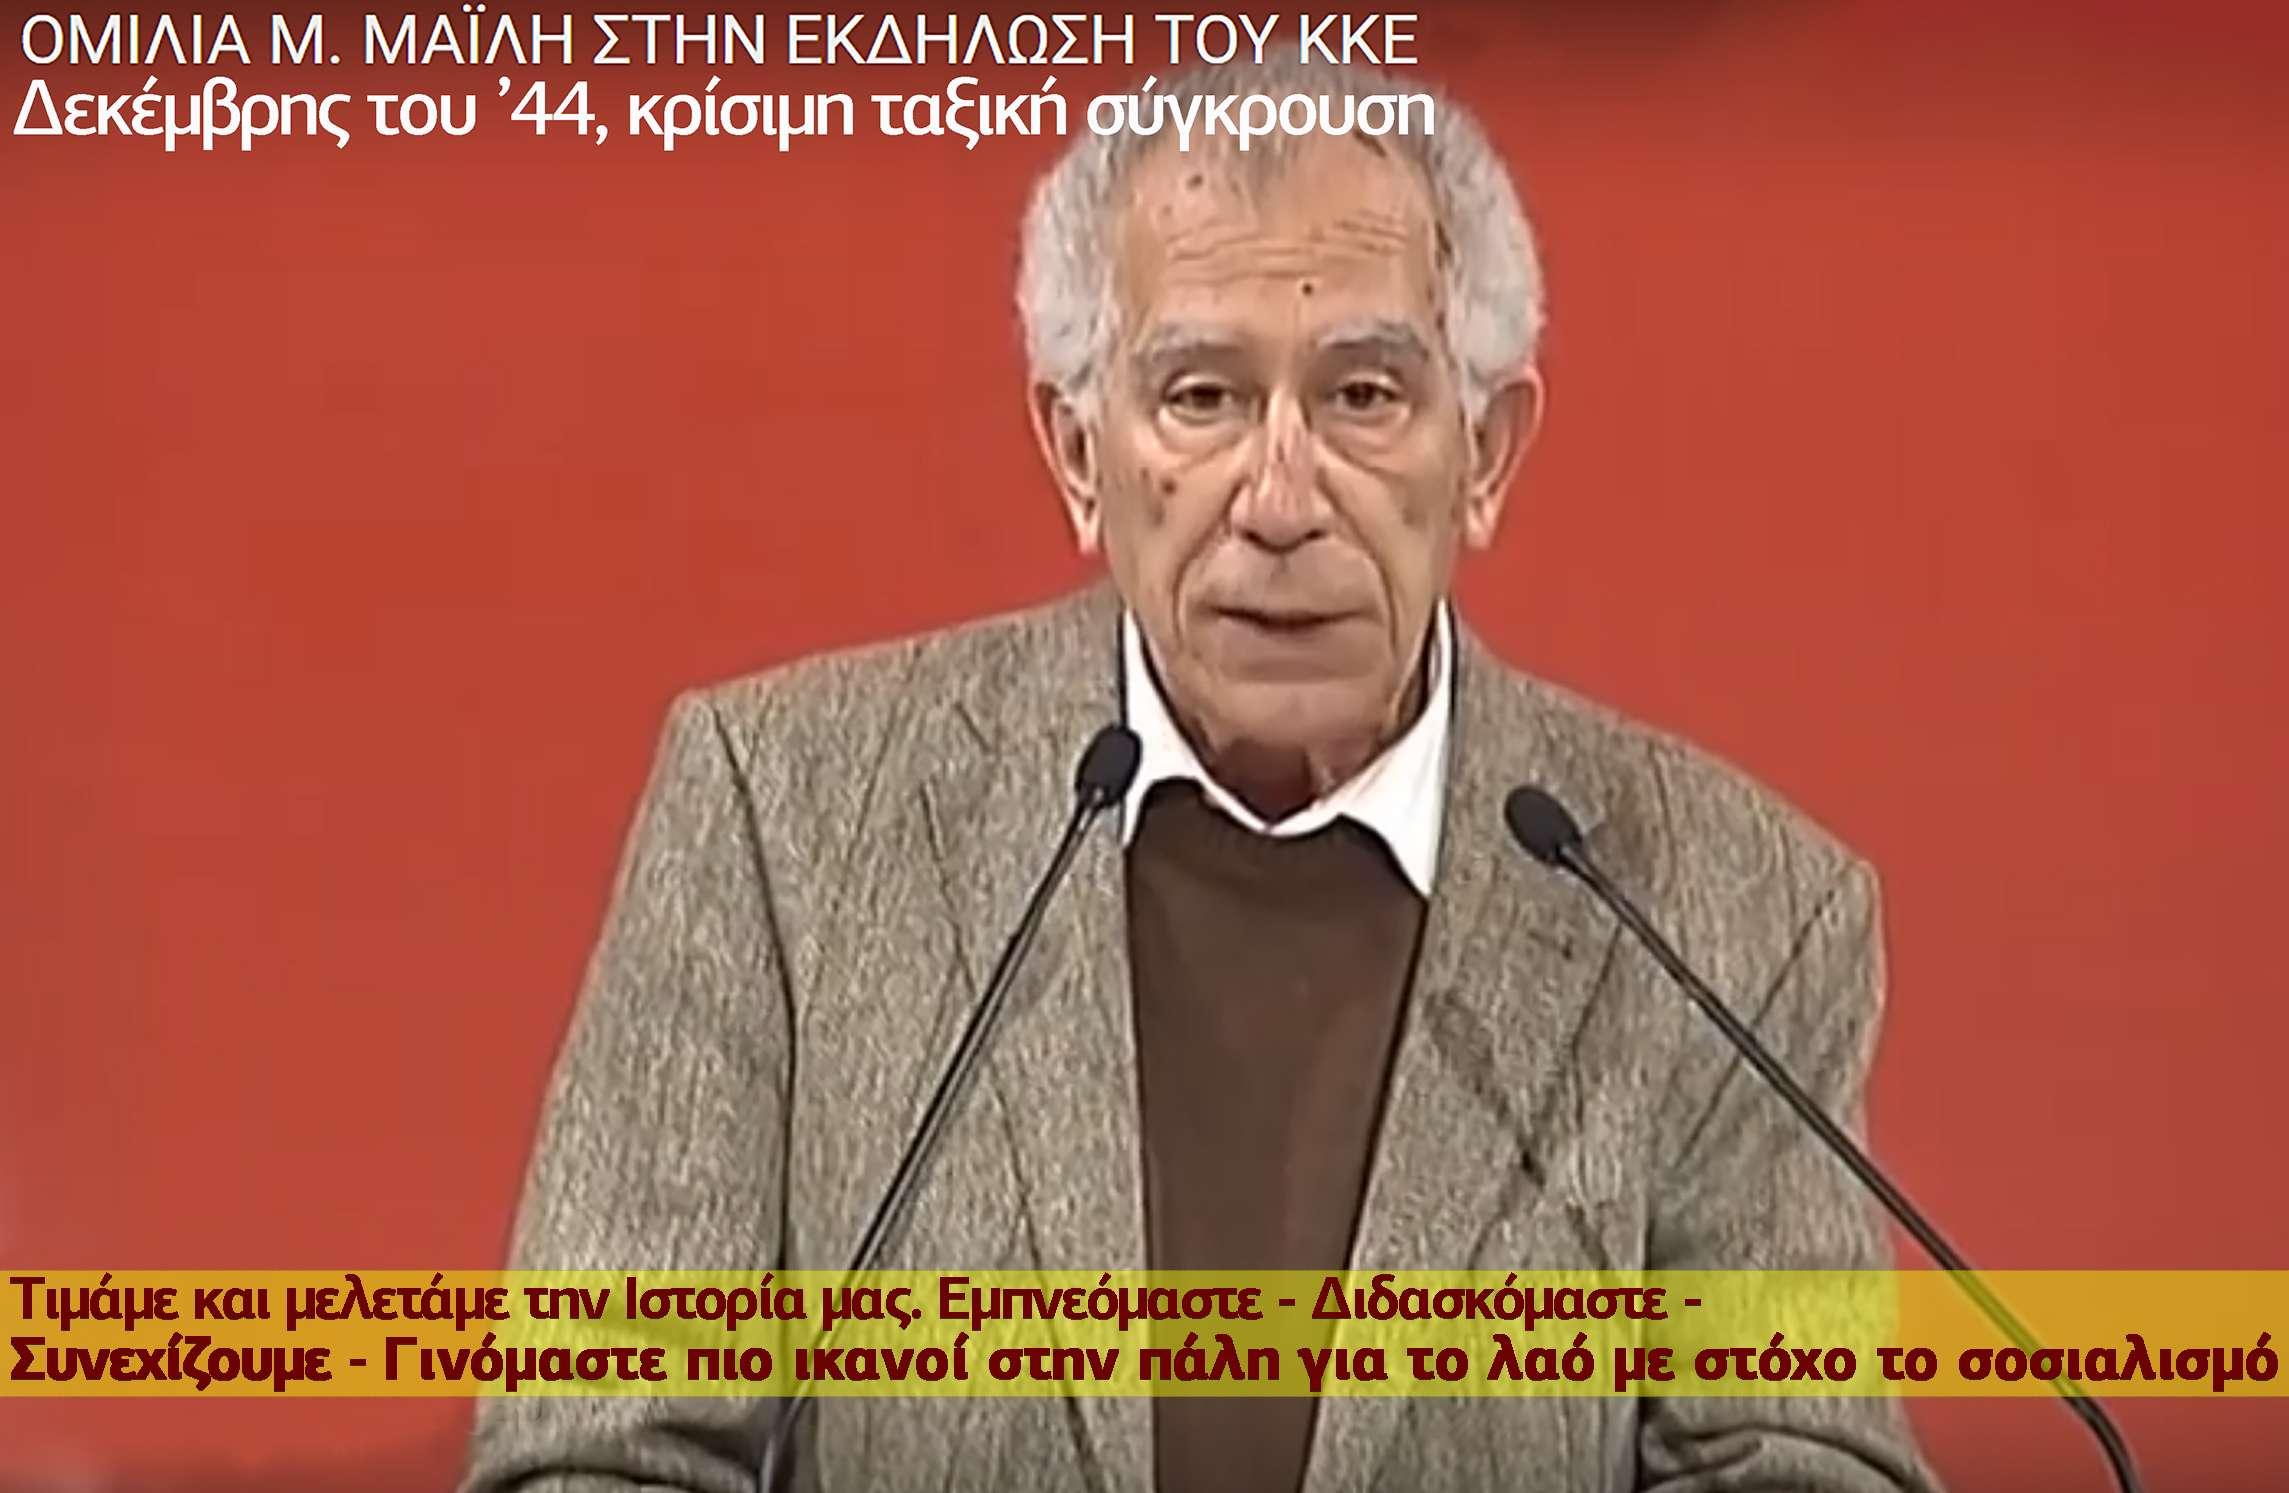 Μάκης Μαΐλης ΚΚΕ